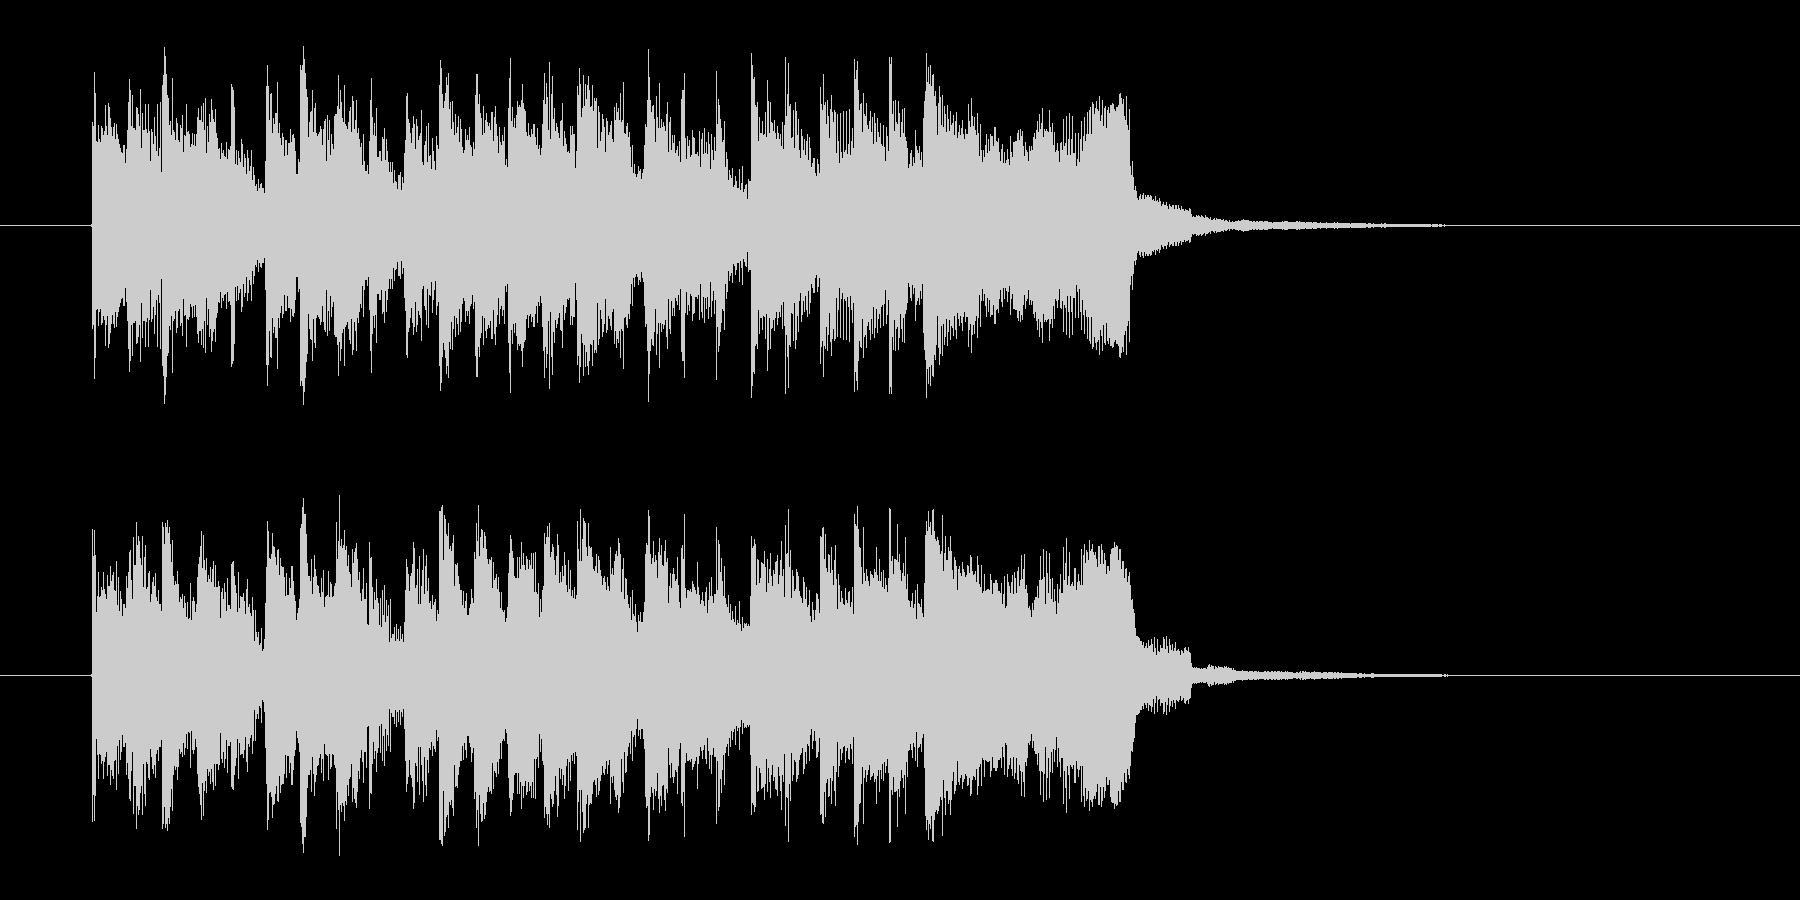 勢いと楽しげなドラムシンセサウンド短めの未再生の波形